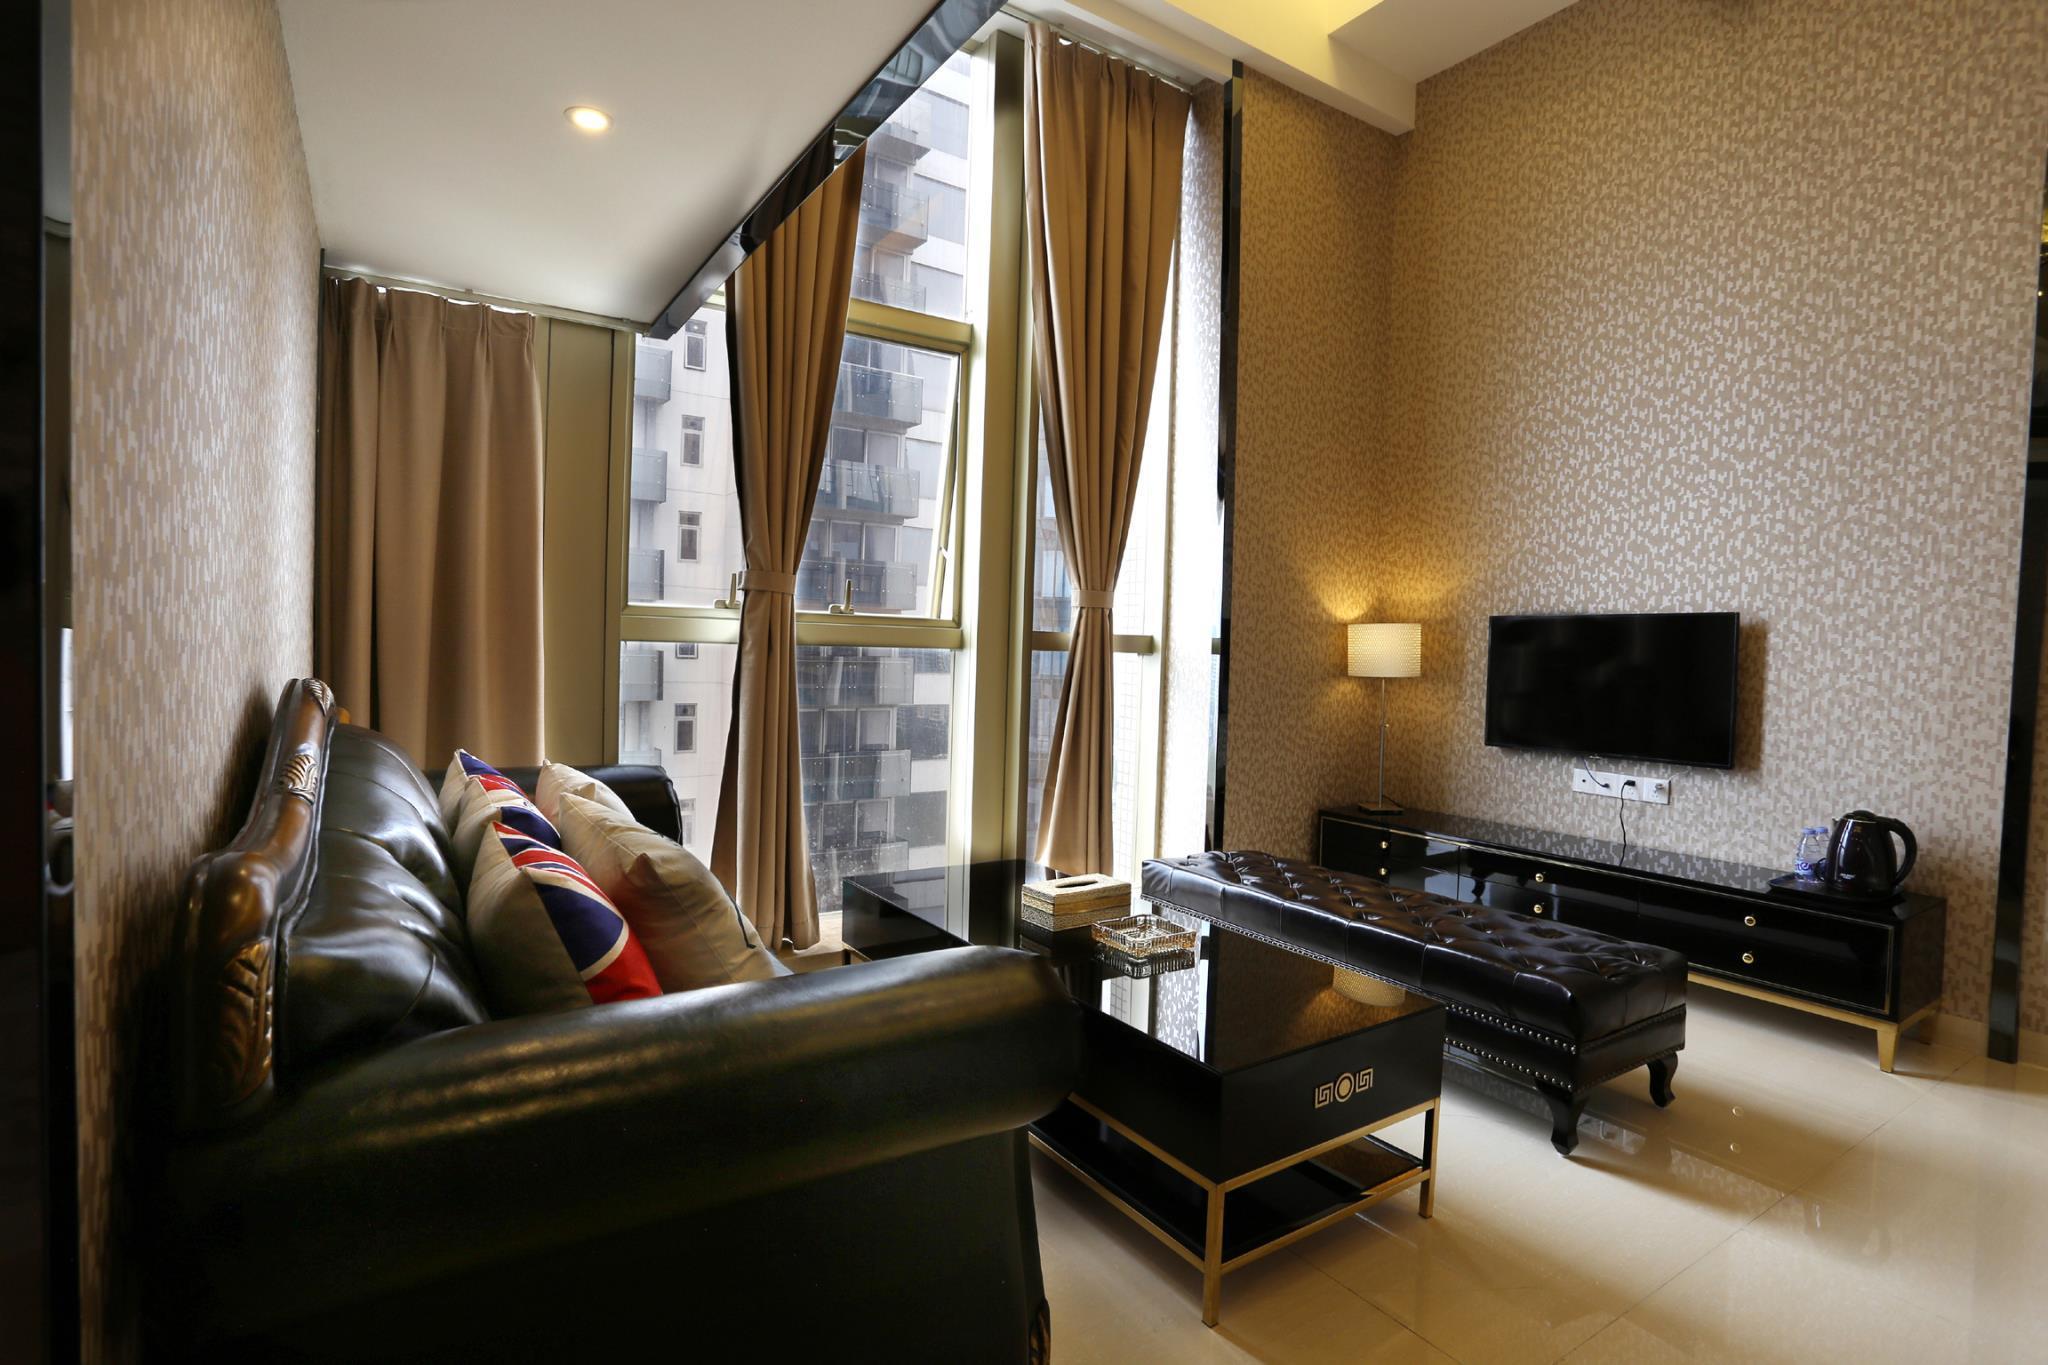 Inn Hotel Apartment